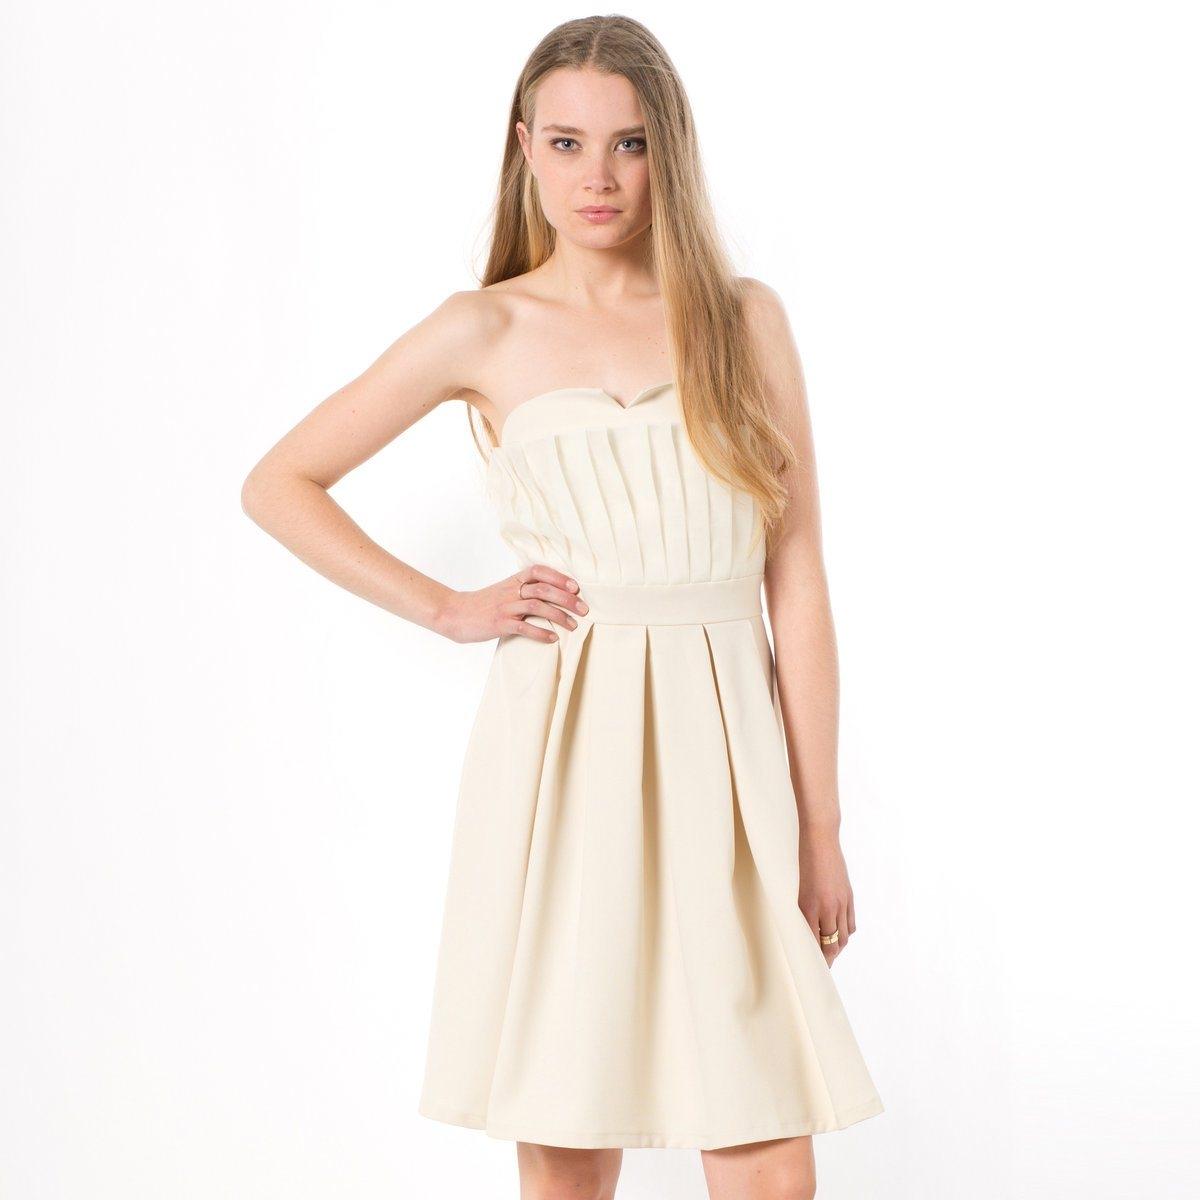 Платье-бюстьеПлатье-бюстье MOLLY BRACKEN. Настоящее украшение, это платье подчеркивает линию плеч и декольте! Изысканный и оригинальный покрой для элегантного образа! Платье-бюстье. V-образный вырез спереди. Плиссированная вставка спереди вверху. Эластичный сзади вырез. Вставка на поясе. Юбка со встречными складками под поясом спереди и сзади. Скрытая застежка сзади. Состав ткани: 100% полиэстера.<br><br>Цвет: экрю